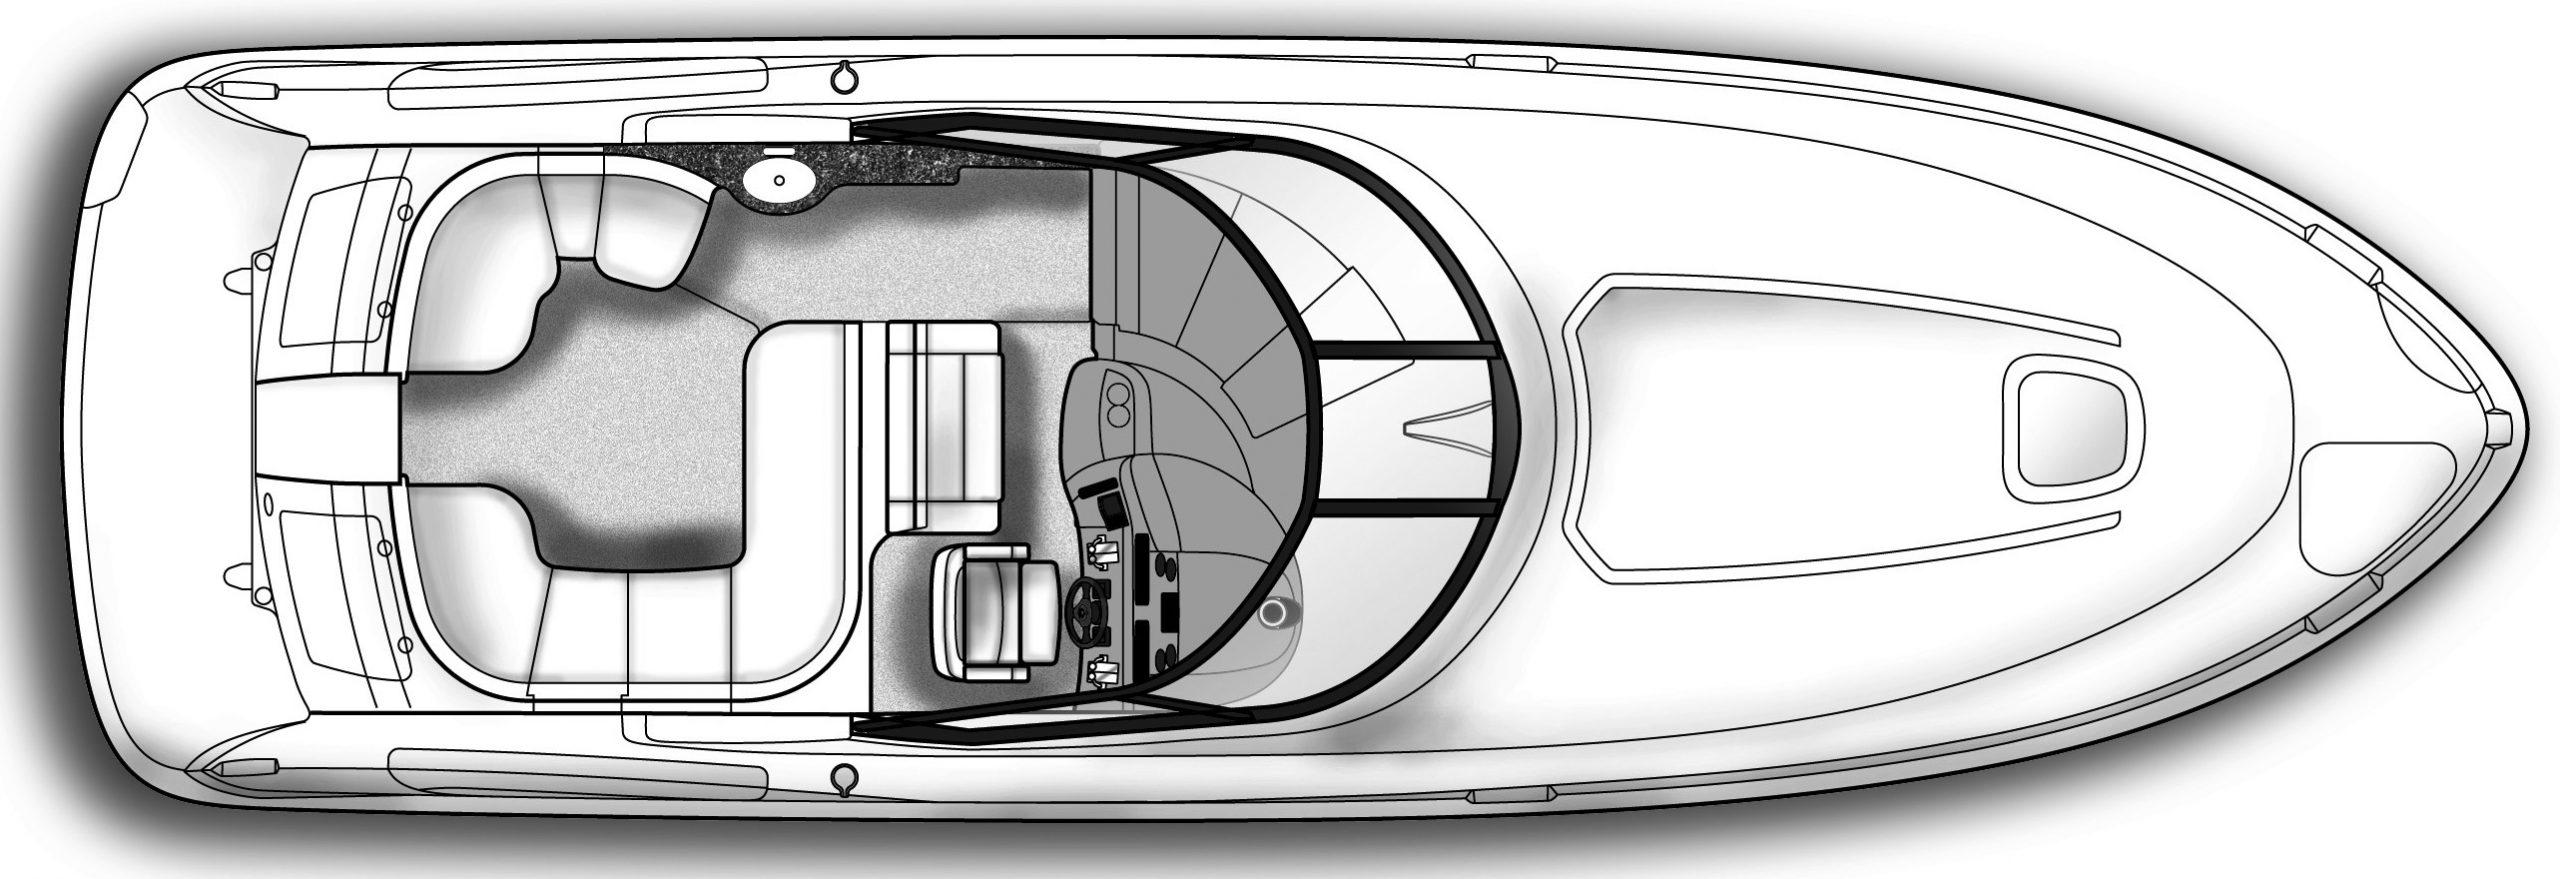 38-390 Sundancer Floor Plan 2